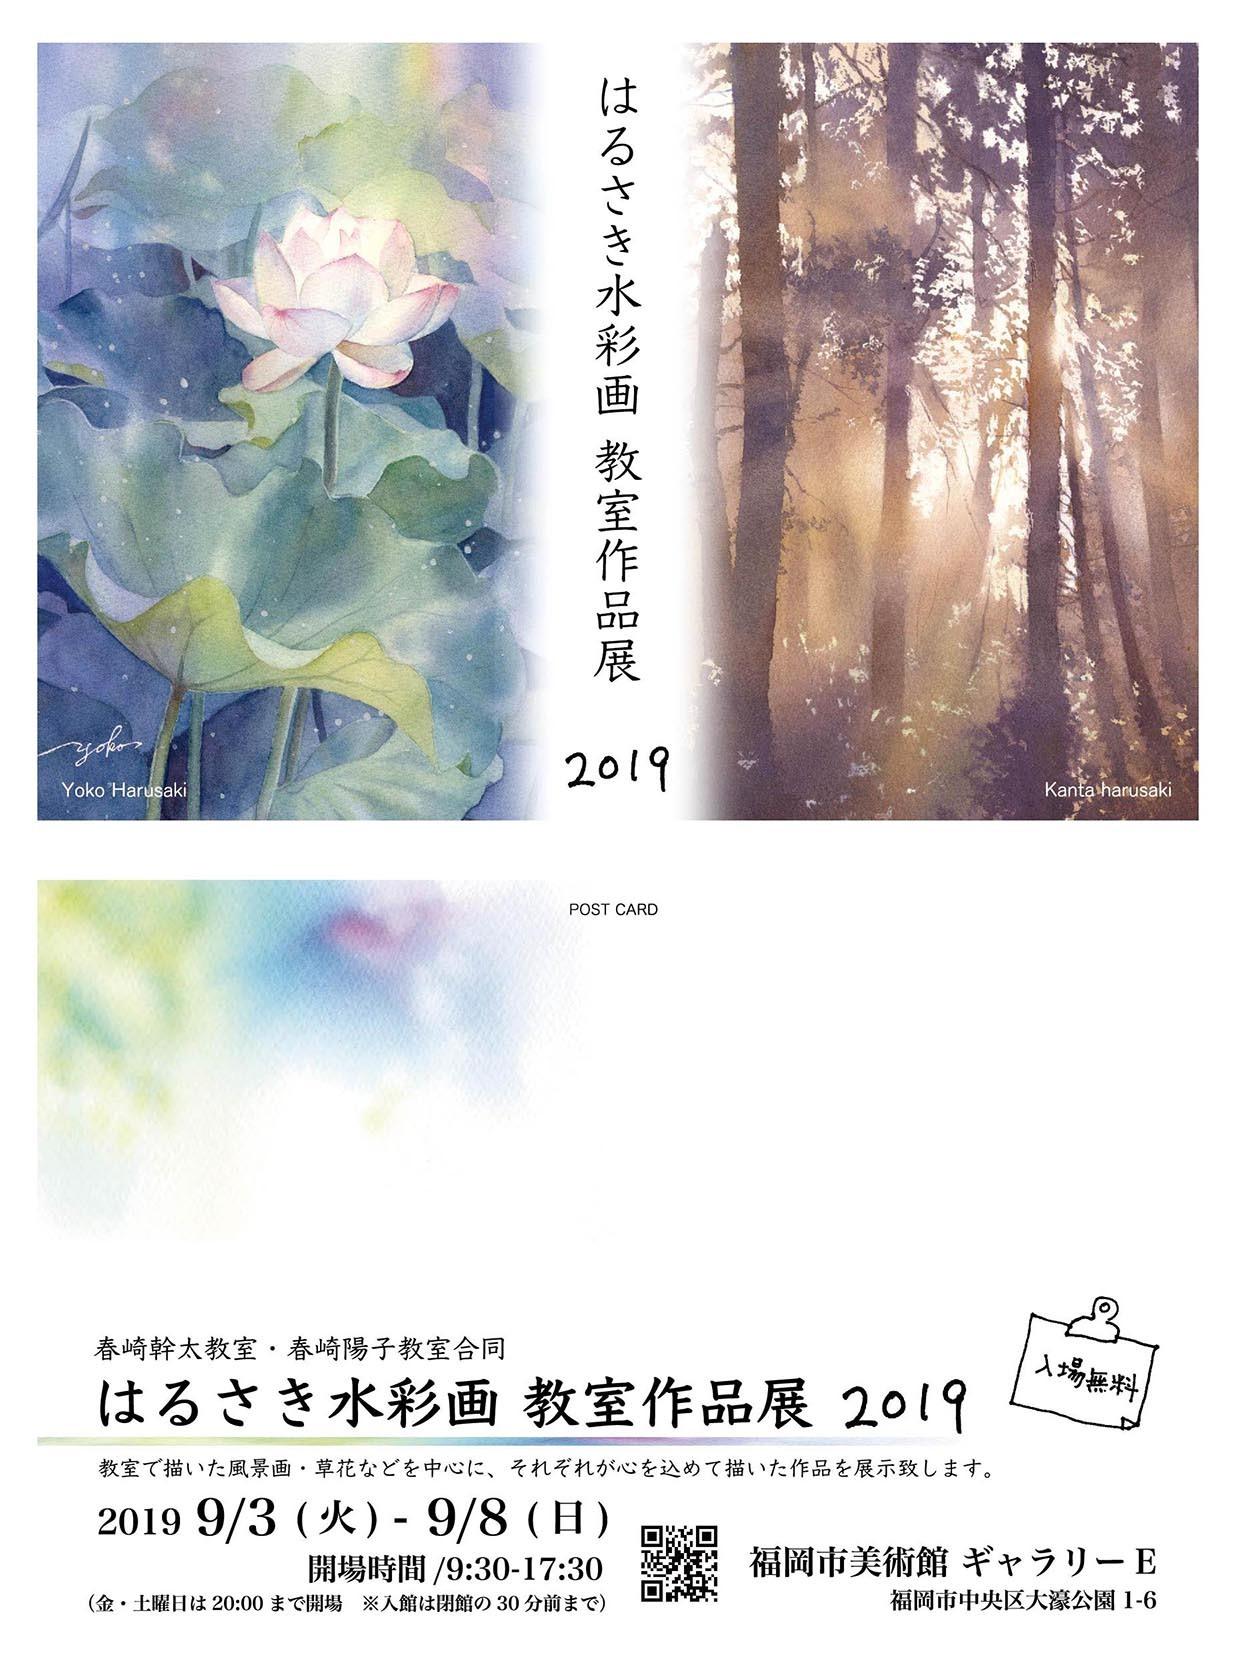 はるさき水彩画 教室作品展2019(福岡)_f0176370_13033330.jpg